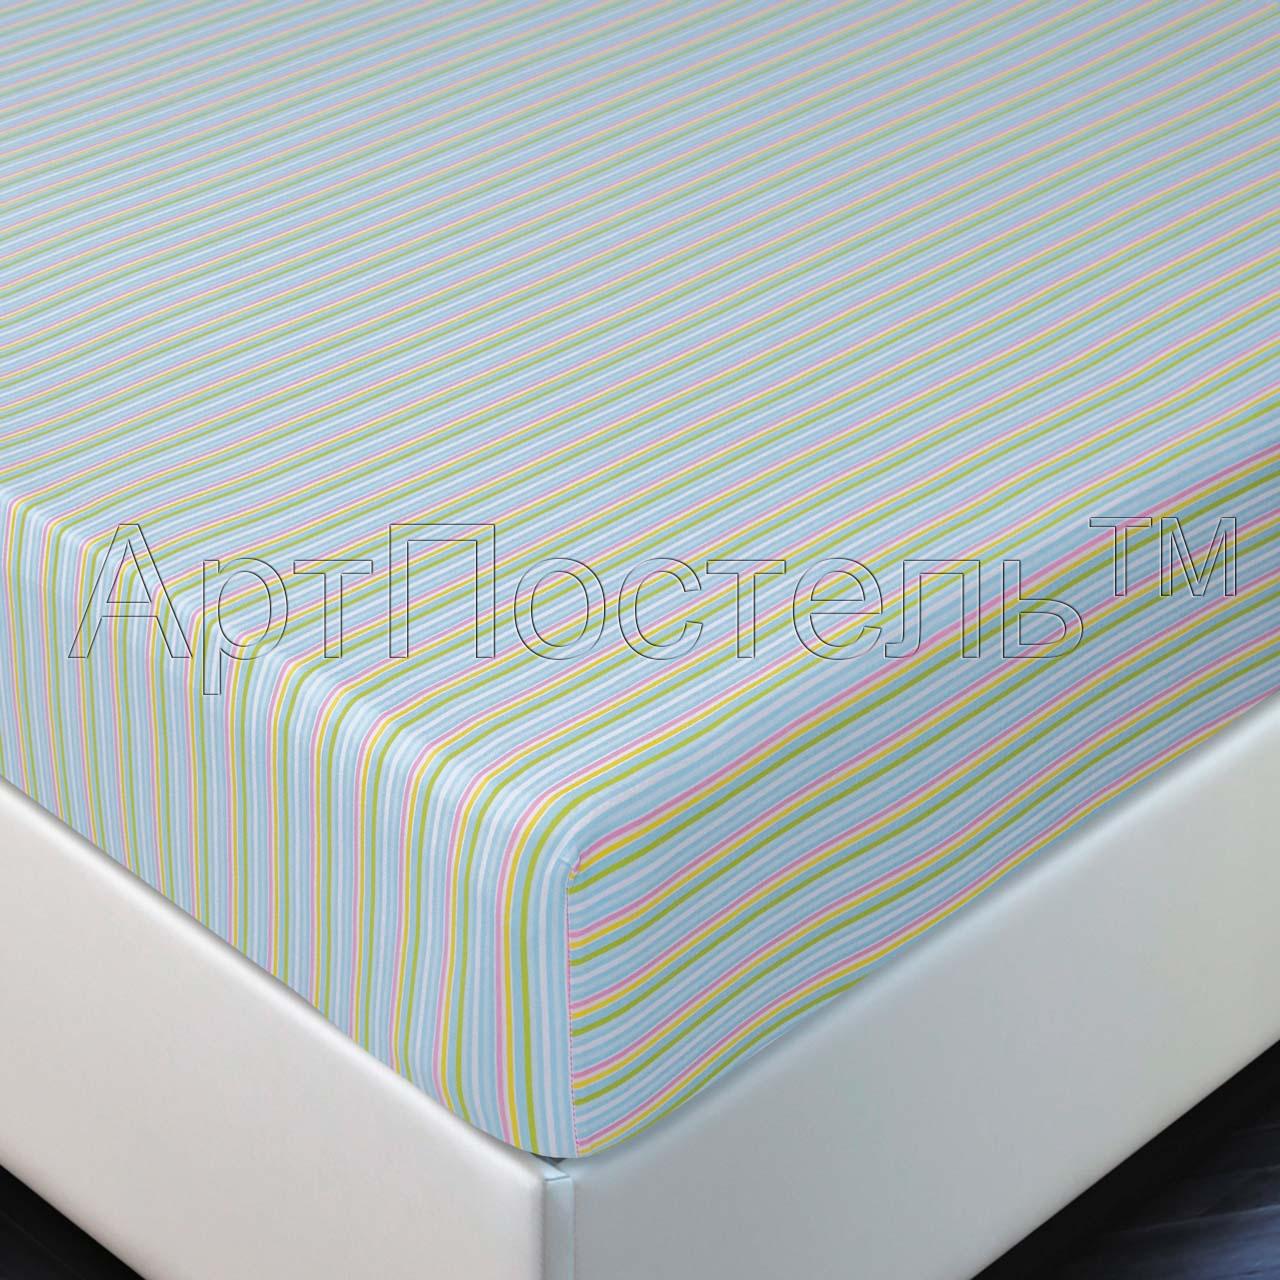 Простыня на резинке Радуга р. 200х200Простыни<br>Плотность ткани:140 г/кв. м<br><br>Тип: Простыня на резинке<br>Размер: 200х200<br>Материал: Кулирка